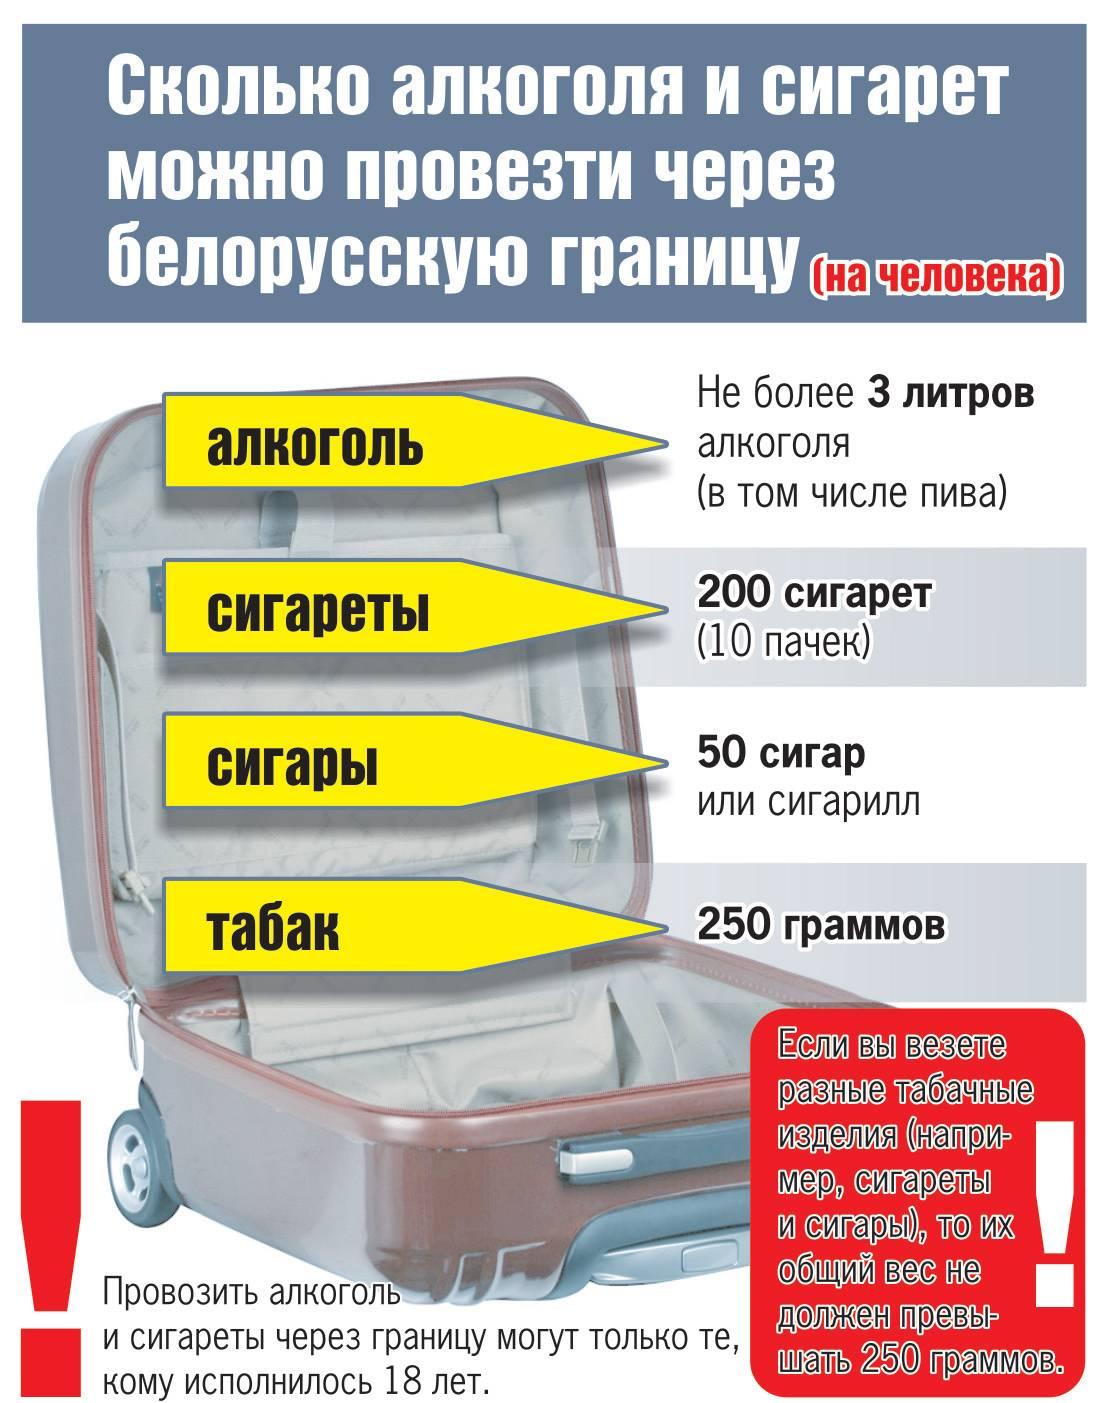 Сколько алкоголя можно ввезти в россию: нормы в литрах, правила провоза спиртного и его декларирования